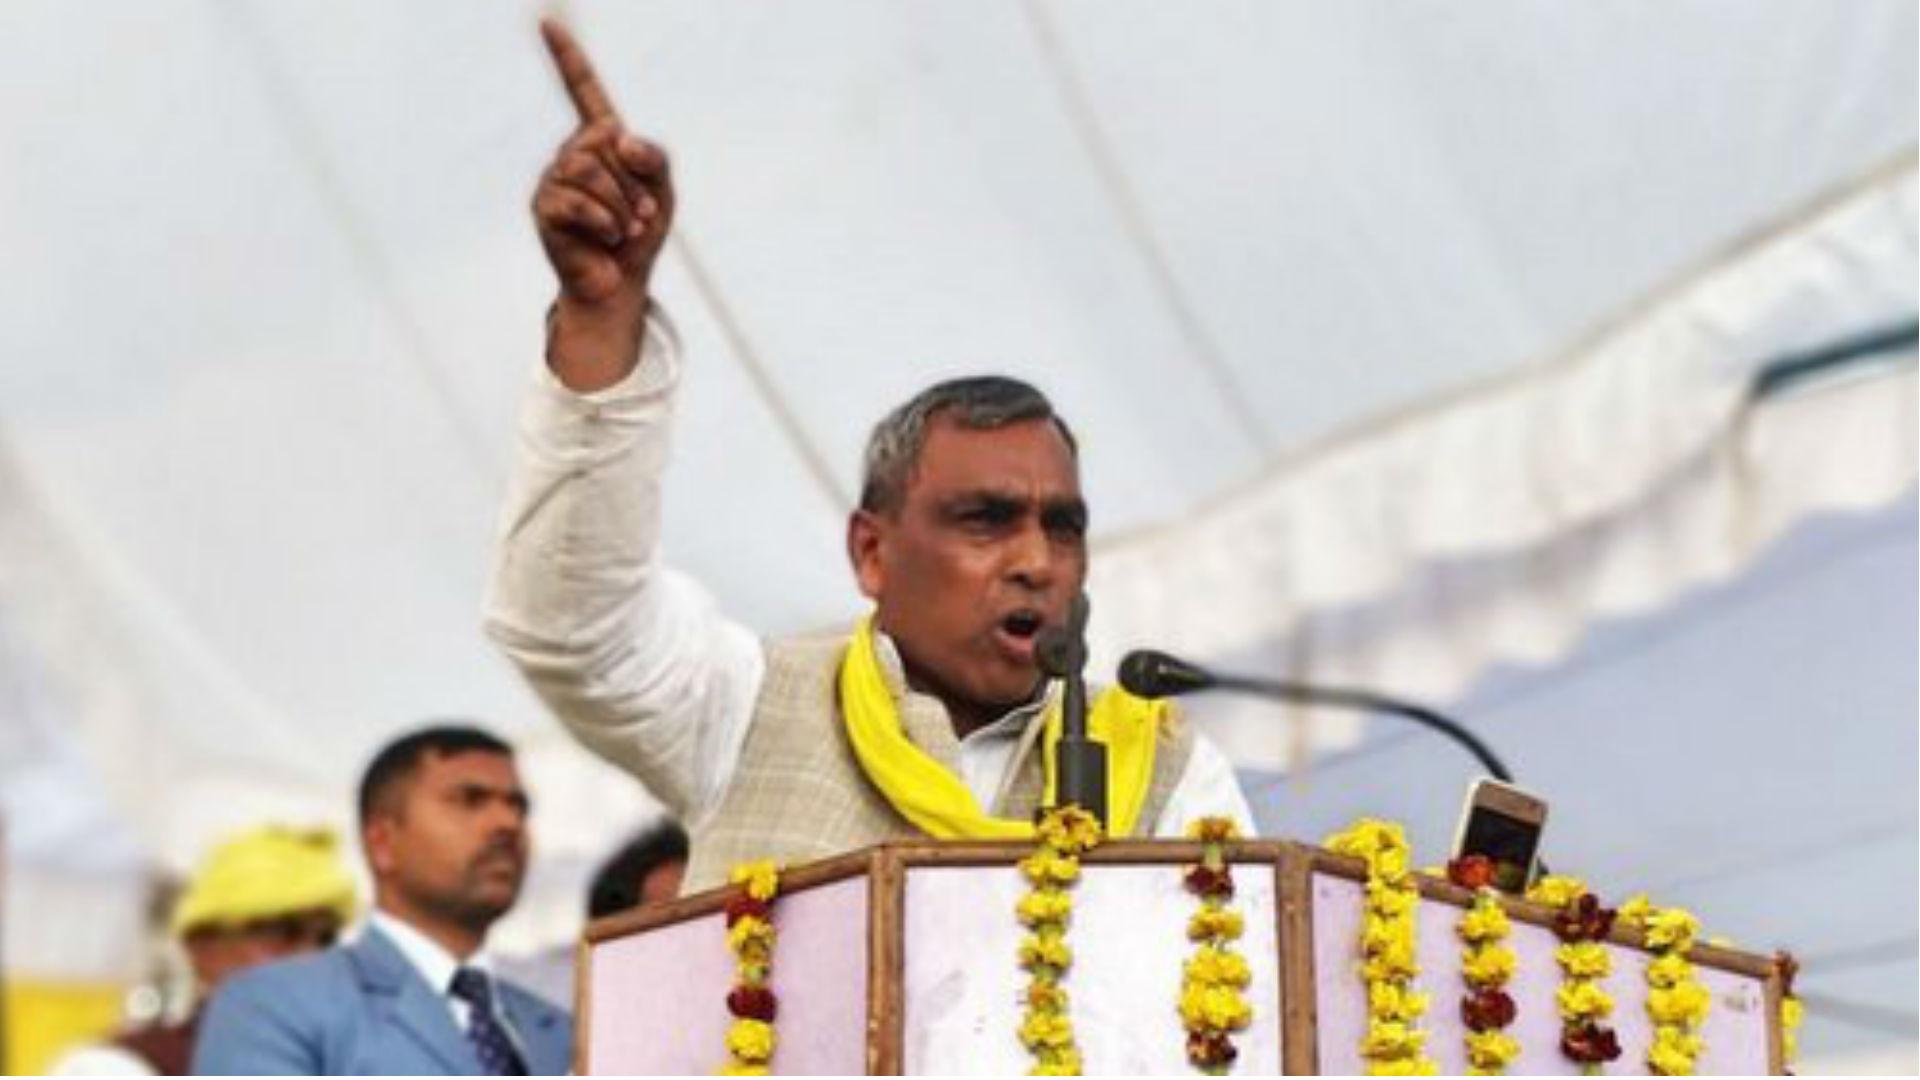 बीजेपी से नाराज हुए योगी के मंत्री ओम प्रकाश राजभर, 3 लोकसभा सीटों पर दिया सपा-बसपा और कांग्रेस को समर्थन